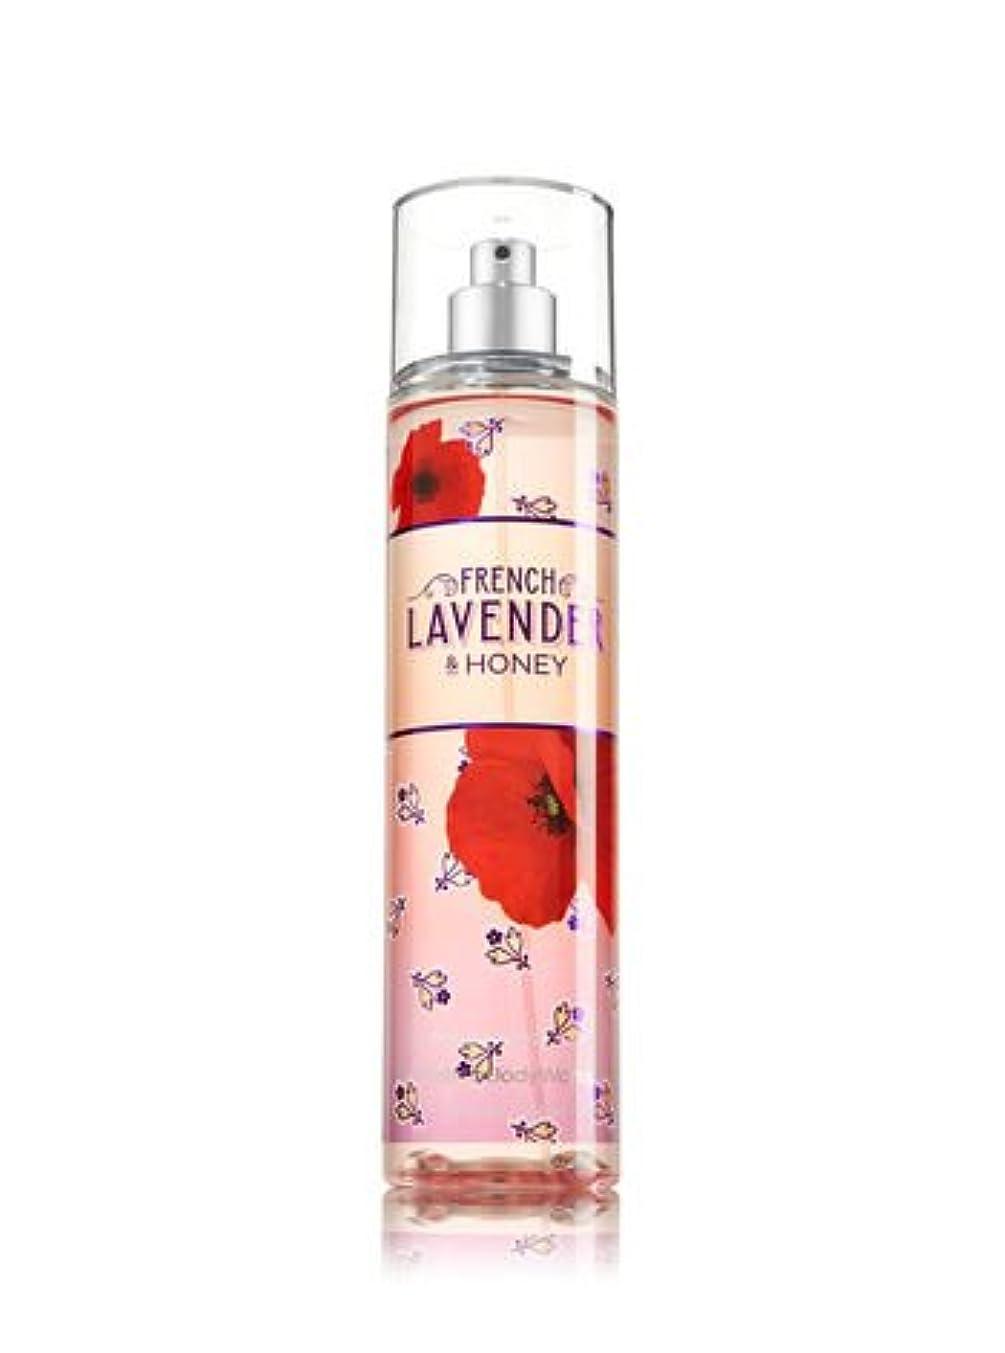 失業者永続治療【Bath&Body Works/バス&ボディワークス】 ファインフレグランスミスト フレンチラベンダー&ハニー Fine Fragrance Mist French Lavender & Honey 8oz (236ml) [並行輸入品]